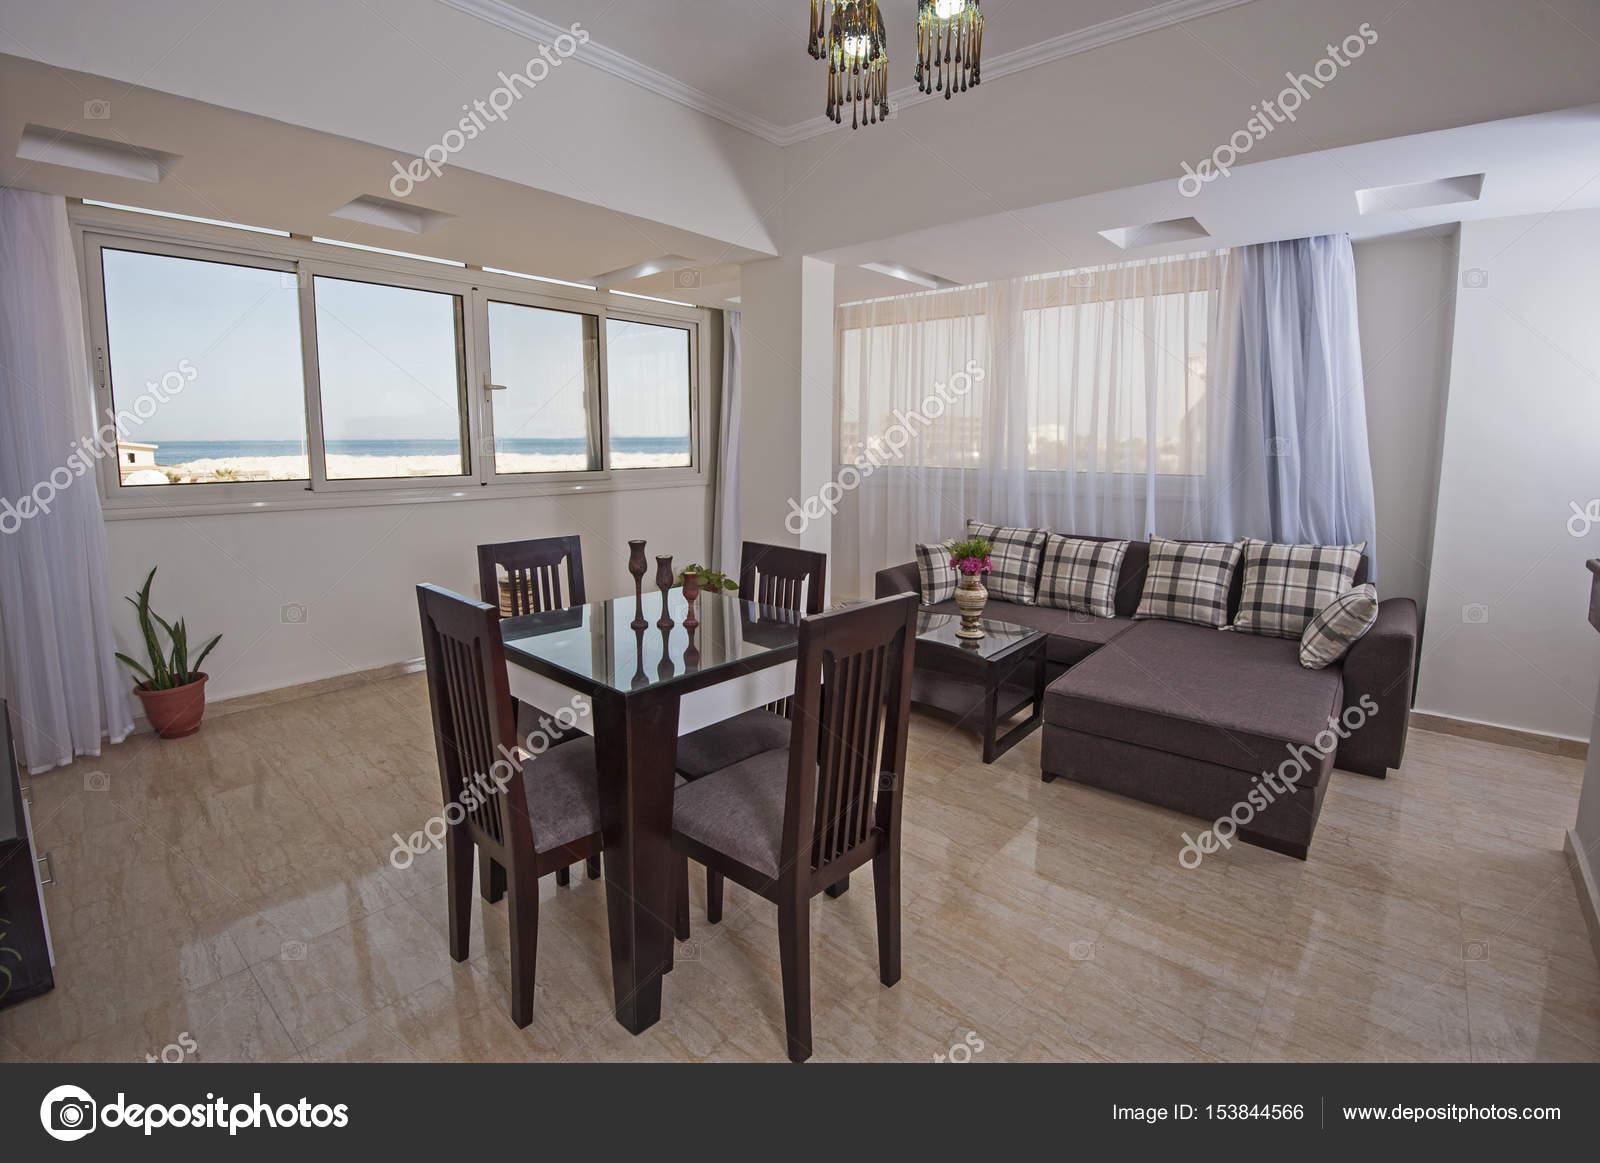 Luxe Interieur Inrichting : Interieurinrichting van luxe appartement woonkamer u stockfoto